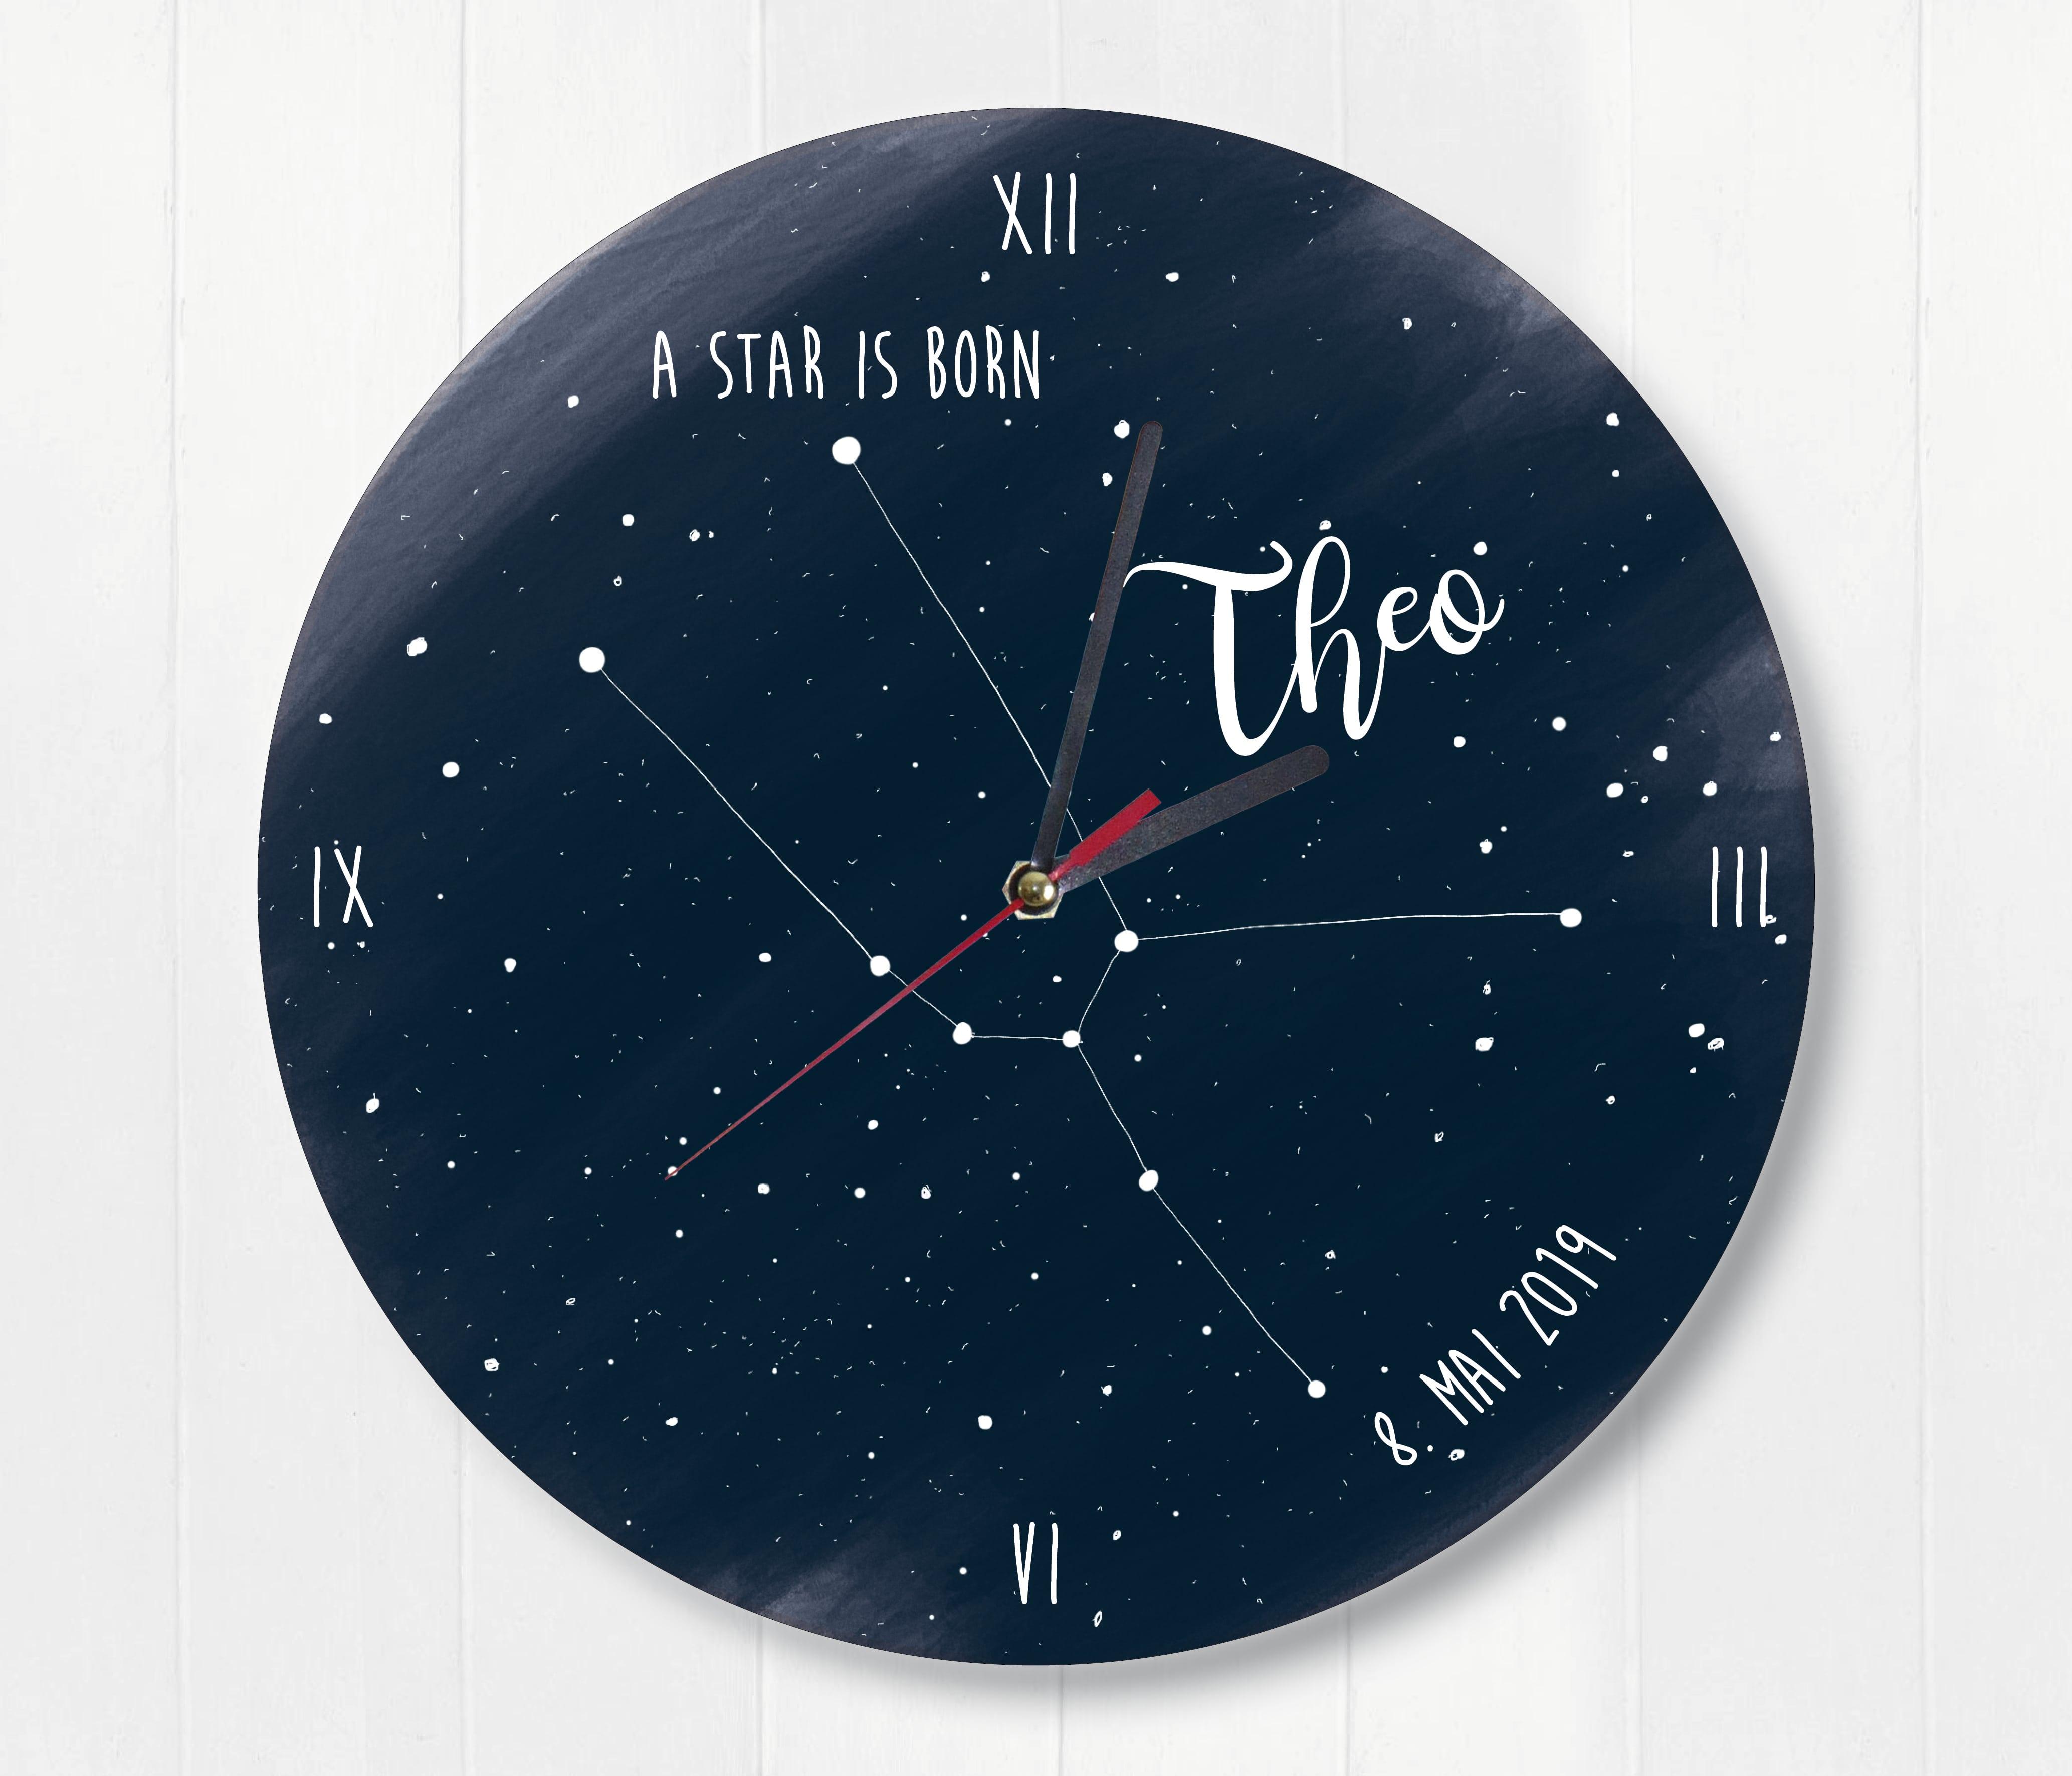 Stier Wanduhr mit Sternenhimmel und Sternzeichen perosnalisiert